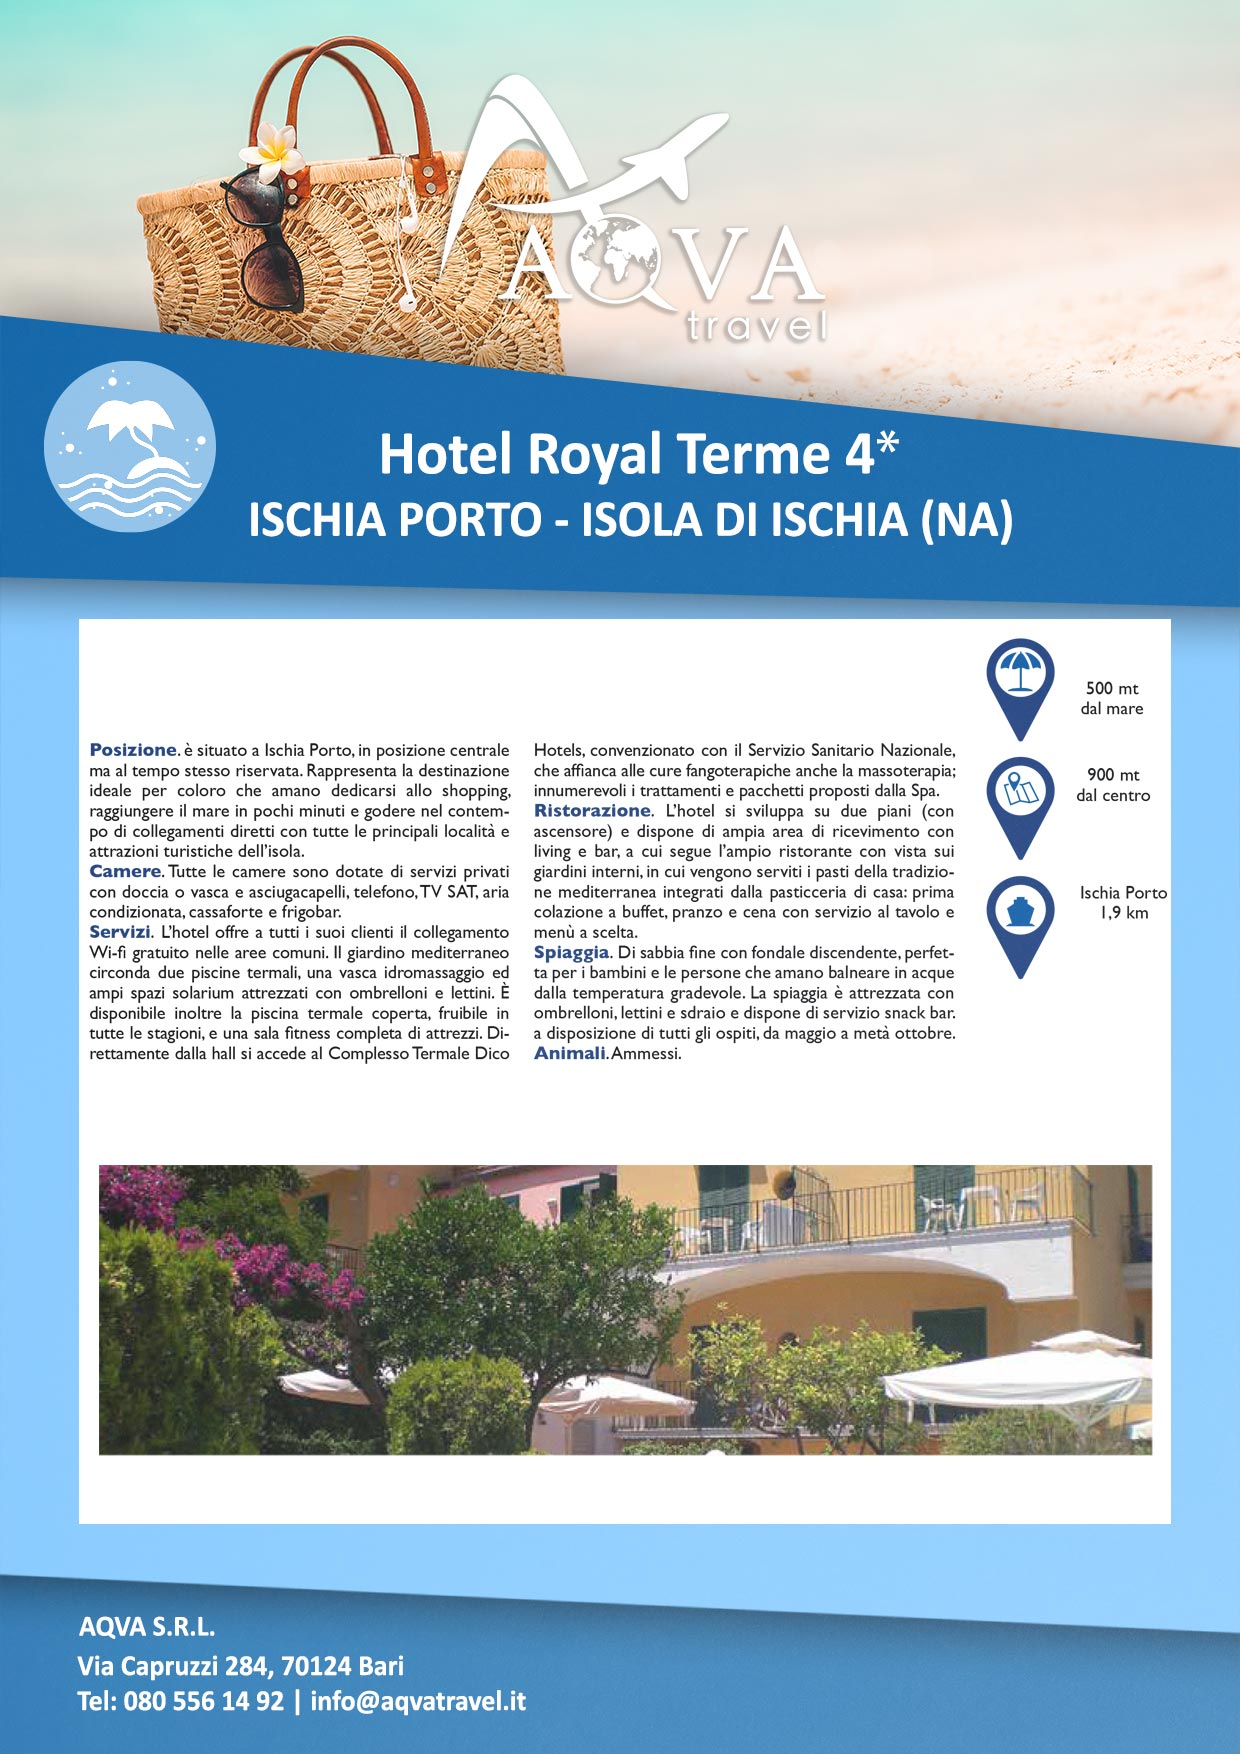 Hotel-Royal-Terme-4-ISCHIA-PORTO---ISOLA-DI-ISCHIA-(NA)-Mare-offerte-agenzia-di-viaggi-Bari-AQVATRAVEL-it